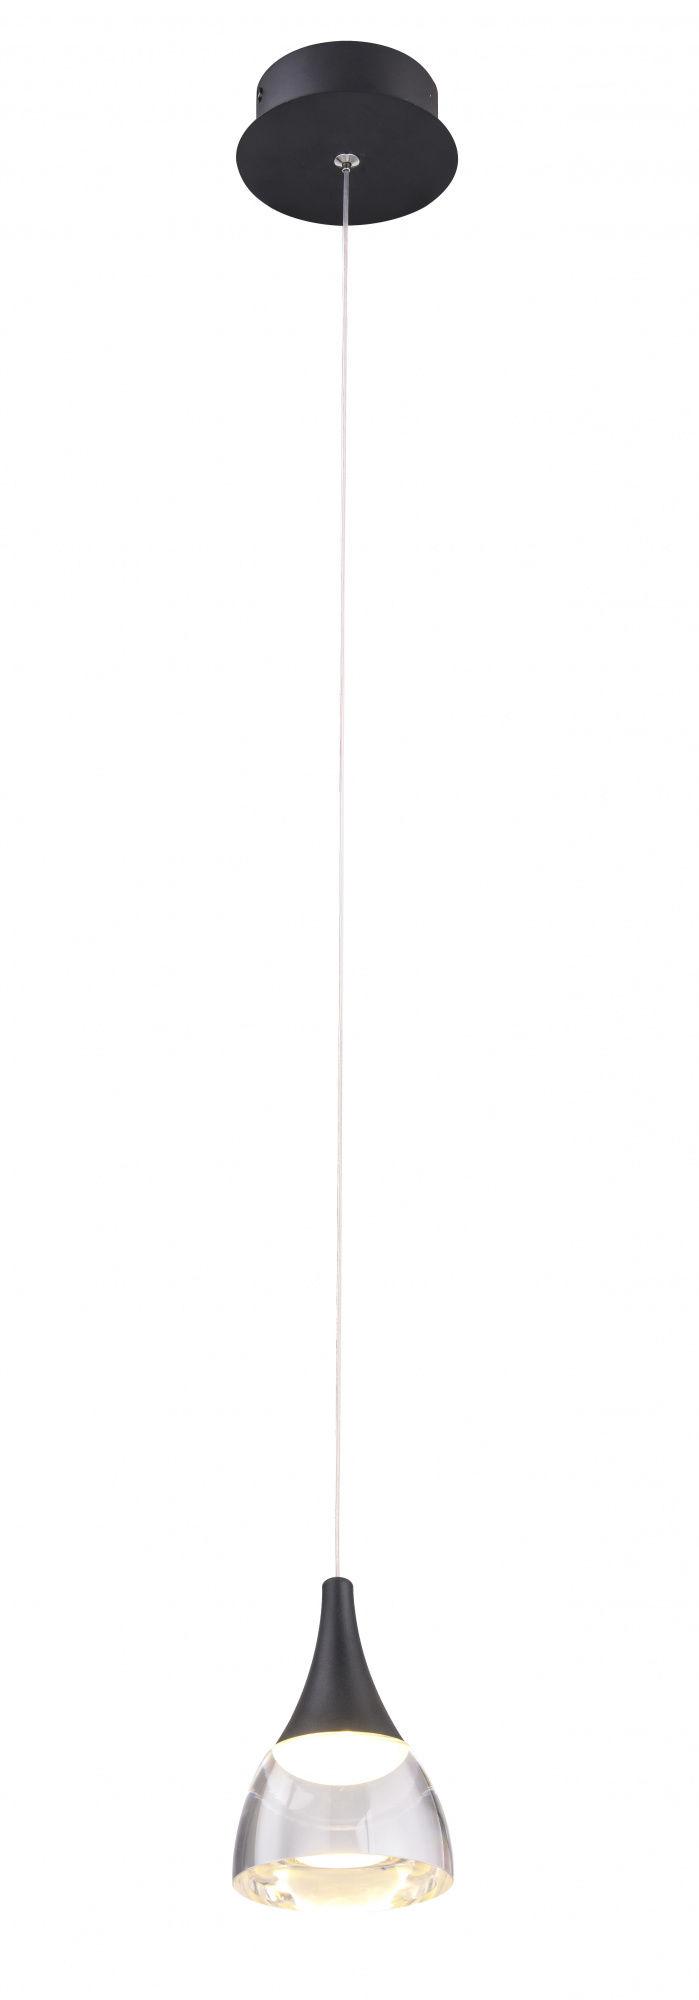 Lampa wisząca Dalmatia AZ2847 AZzardo czarna oprawa w nowoczesnym stylu